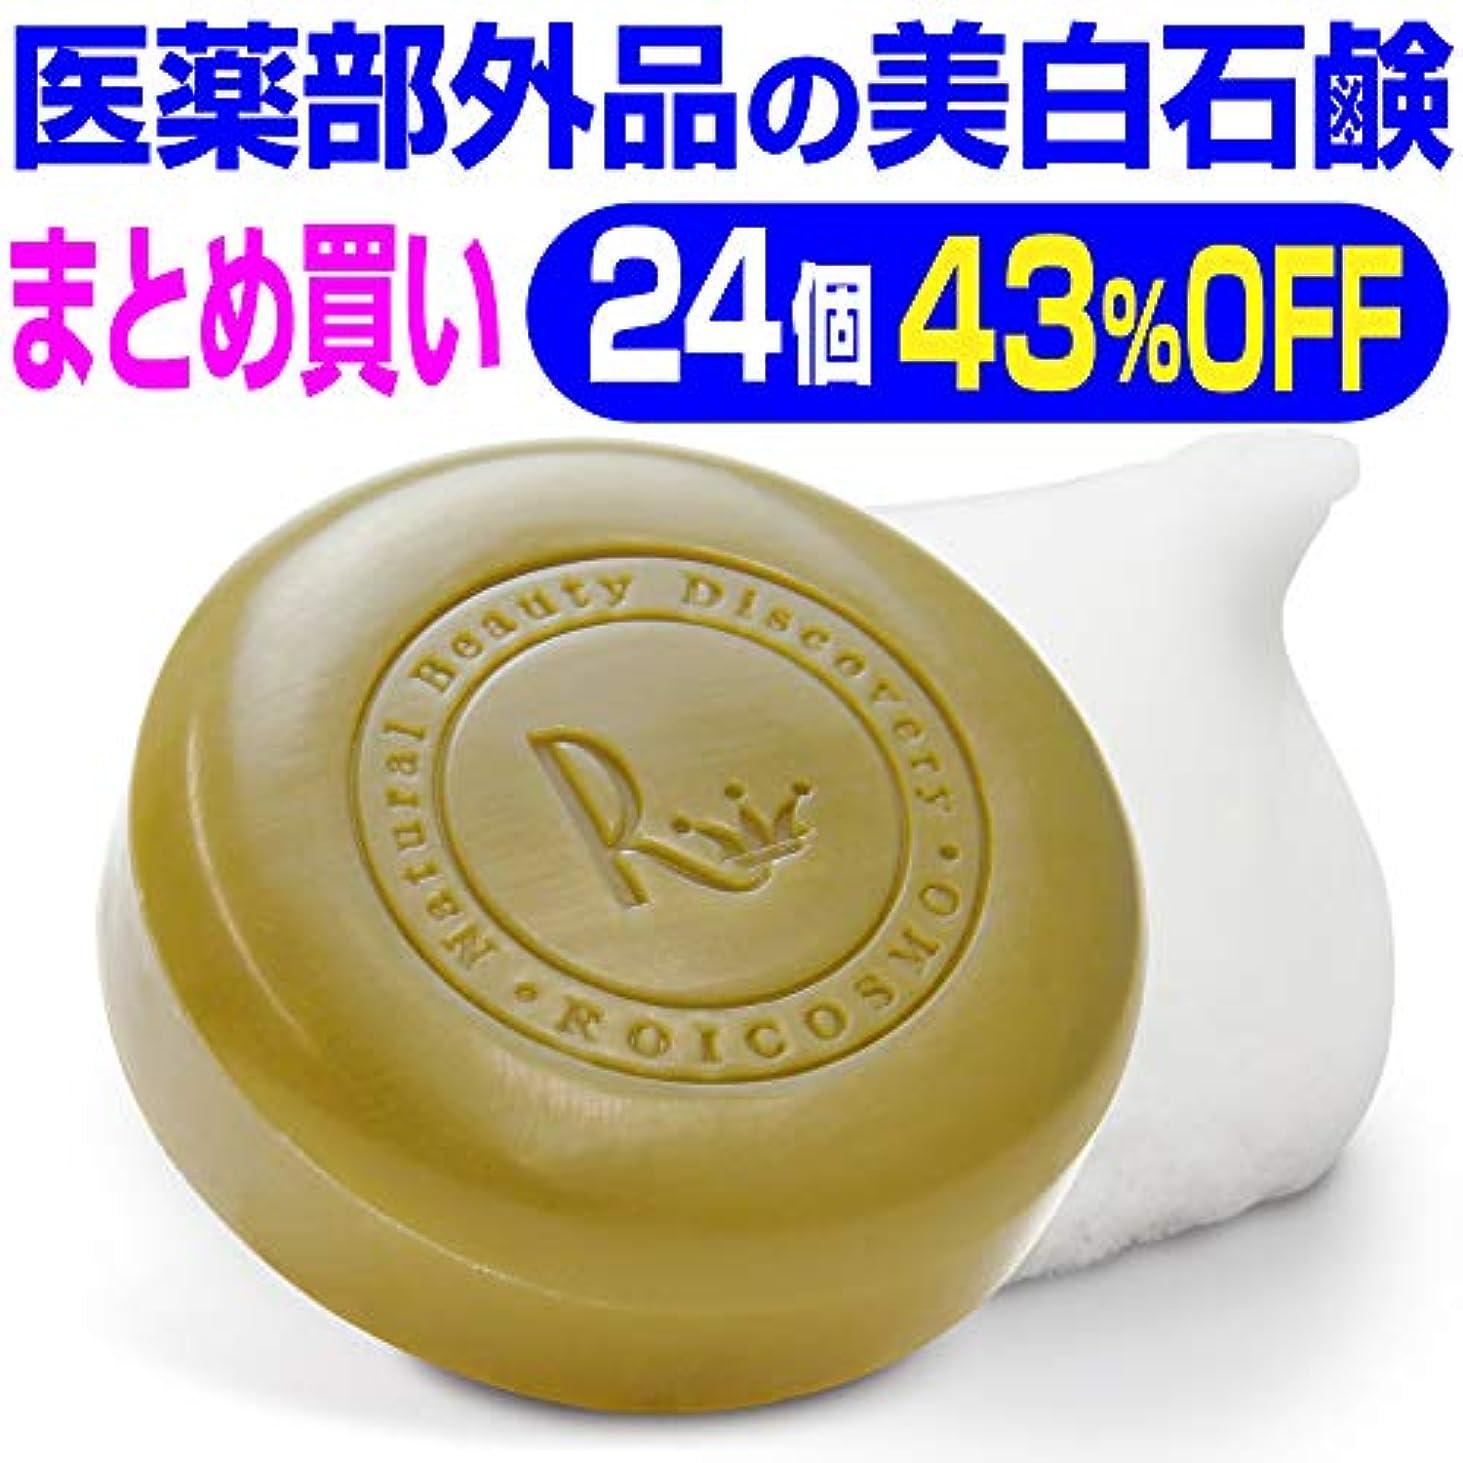 メールを書く神秘スイング24個まとめ買い43%OFF 美白石鹸/ビタミンC270倍の美白成分配合の 洗顔石鹸『ホワイトソープ100g×24個』